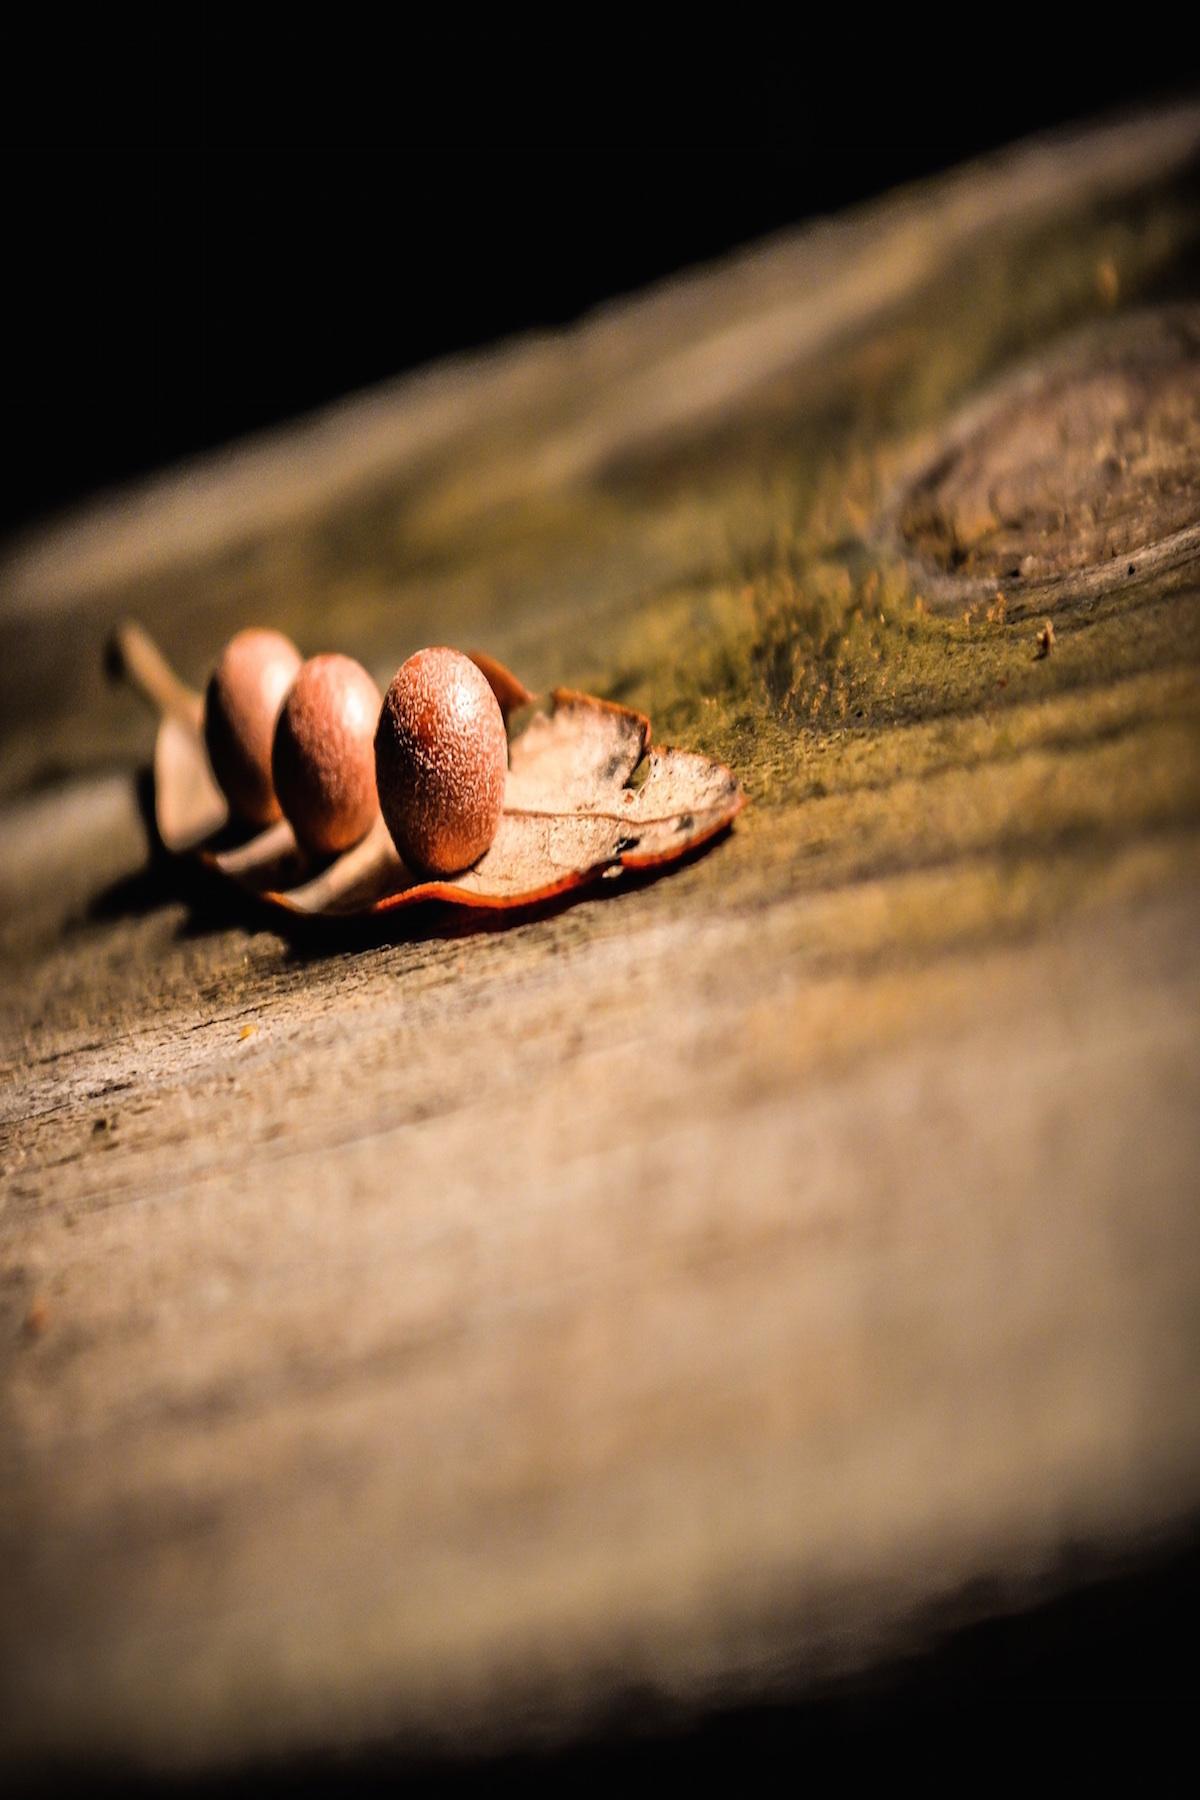 dreamof oak, lifeisaprettyword.com